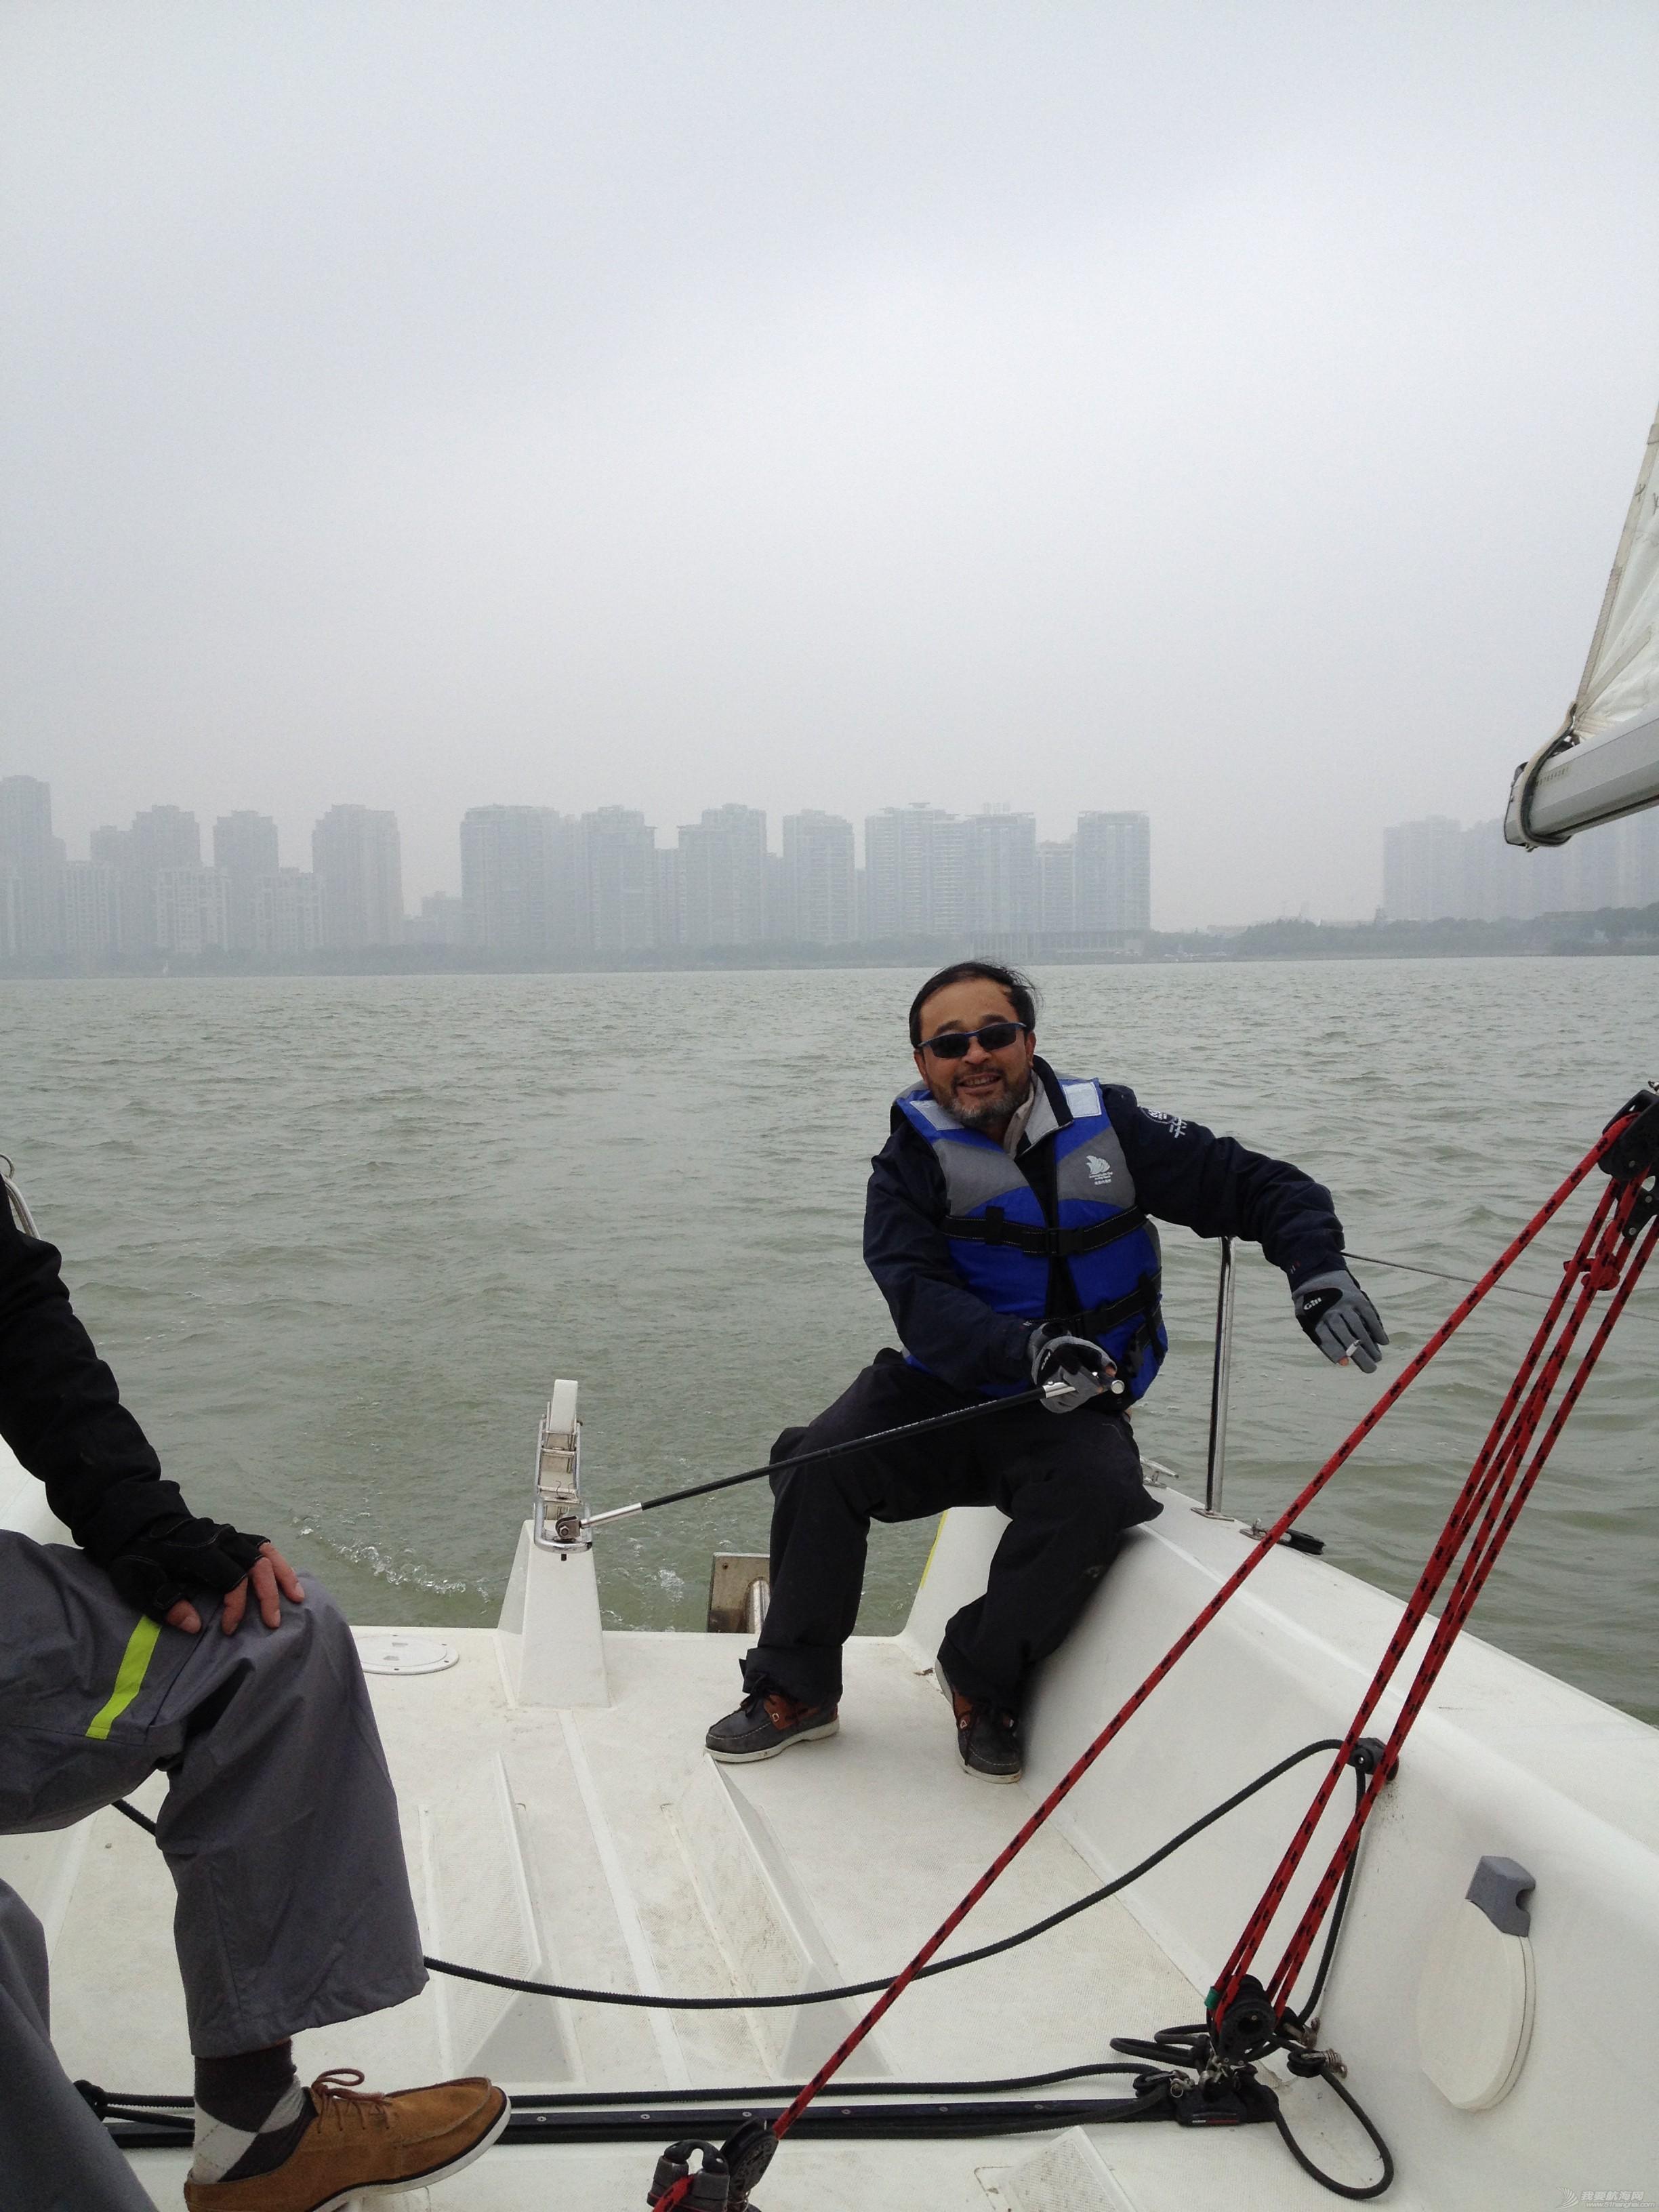 金鸡,苏州 苏州金鸡湖帆船赛-我的处女赛 IMG_2923.JPG